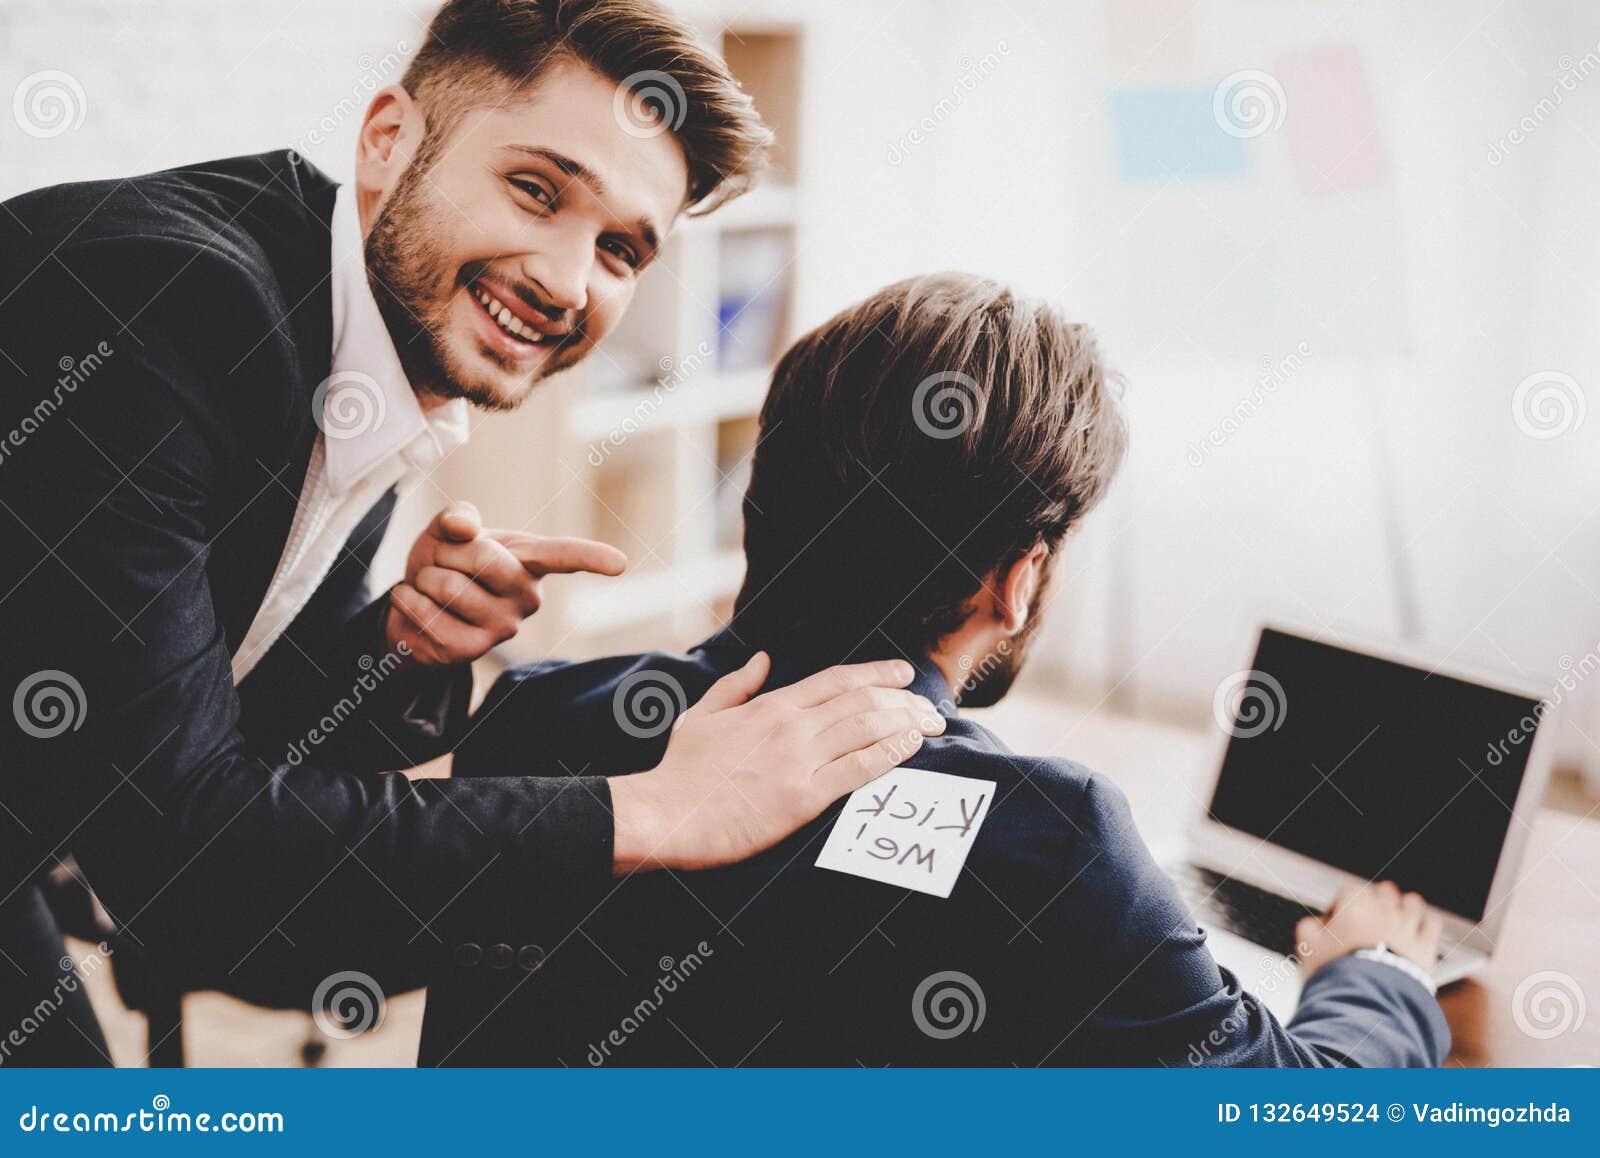 Autocollant collé par homme sur le dos du collègue dans le bureau